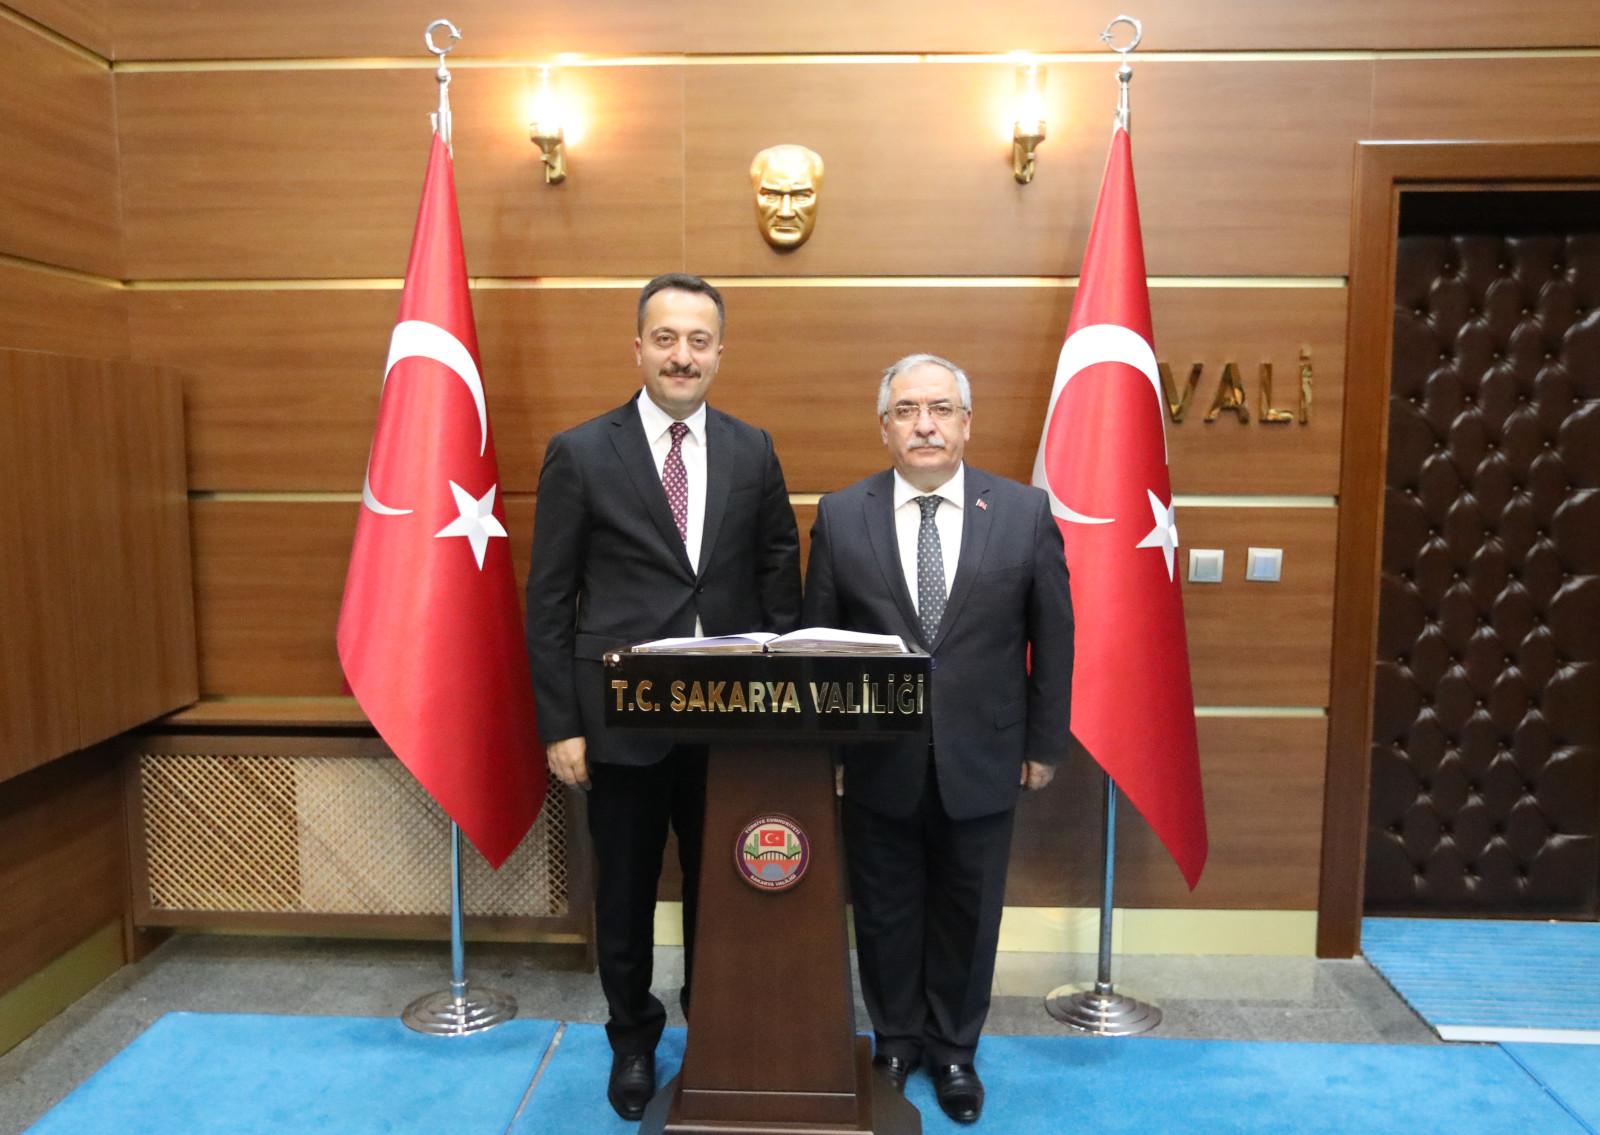 Bilecik Valisi Bilal Şentürk, Vali Ahmet Hamdi Nayir'e ziyaret